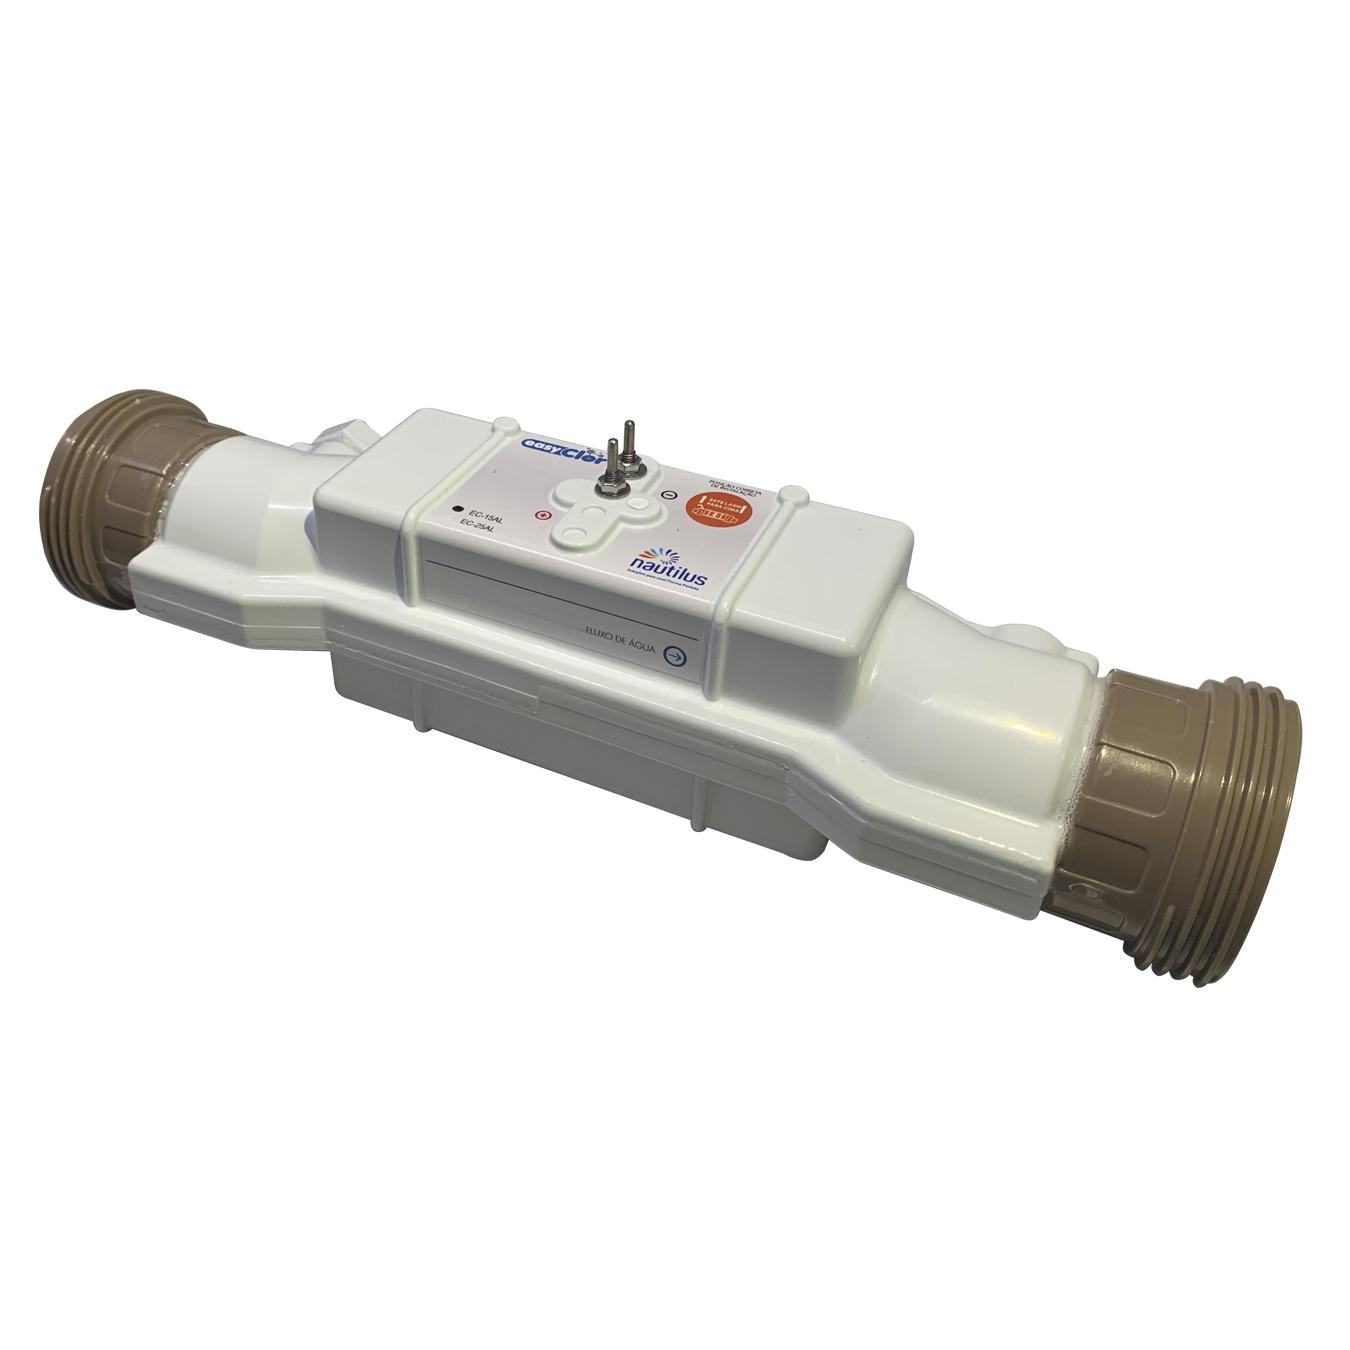 Gerador De Cloro Nautilus Easyclor G-4 Modelo 15 Al